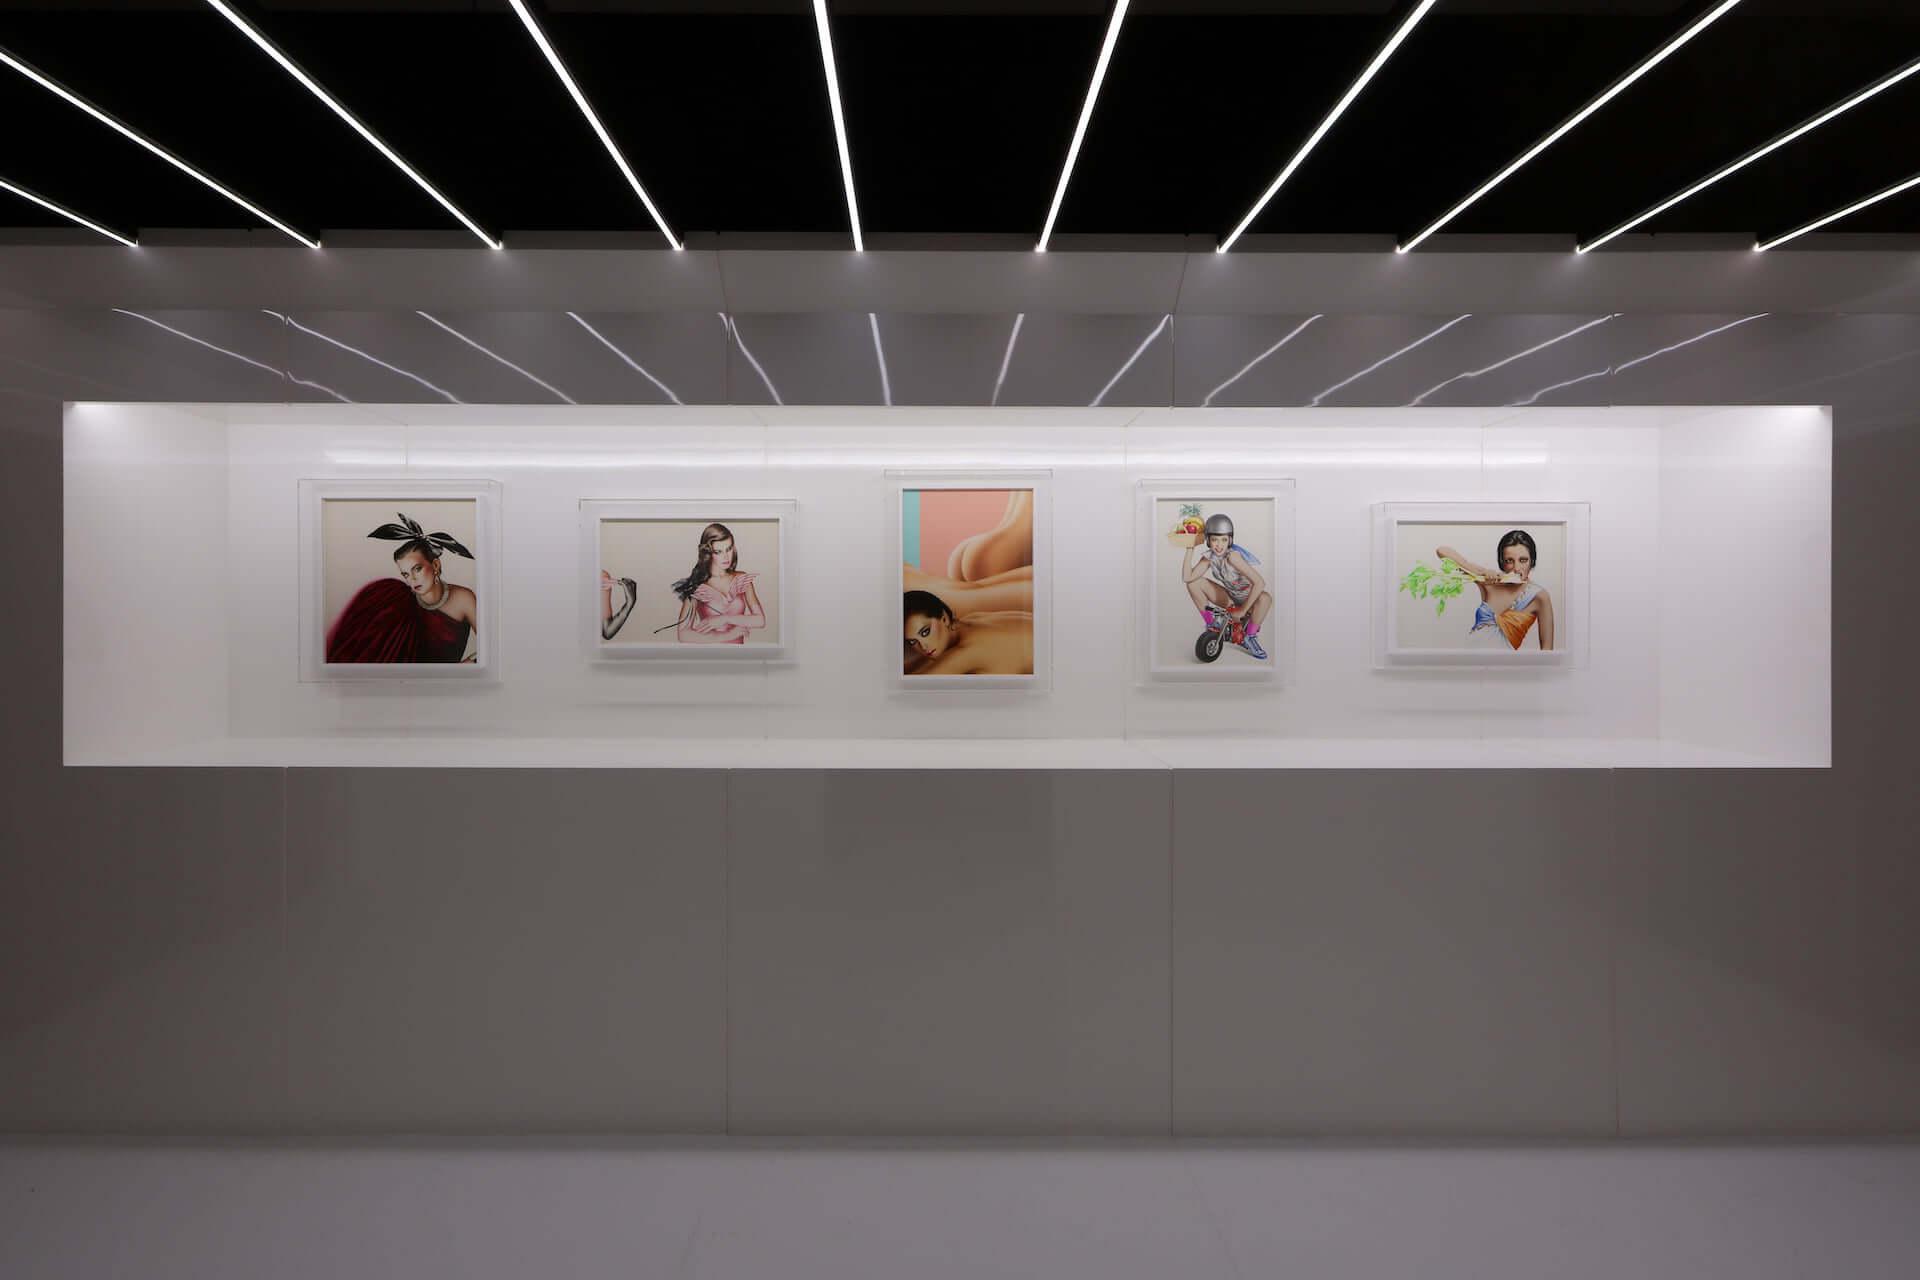 NANZUKAがキュレーションするグループ展<JP POP UNDERGROUND>が心斎橋PARCOにて開催中!田名網敬一、山口はるみ、YOSHIROTTENらが参加 art201125_nanzuka-jpu_6-1920x1280